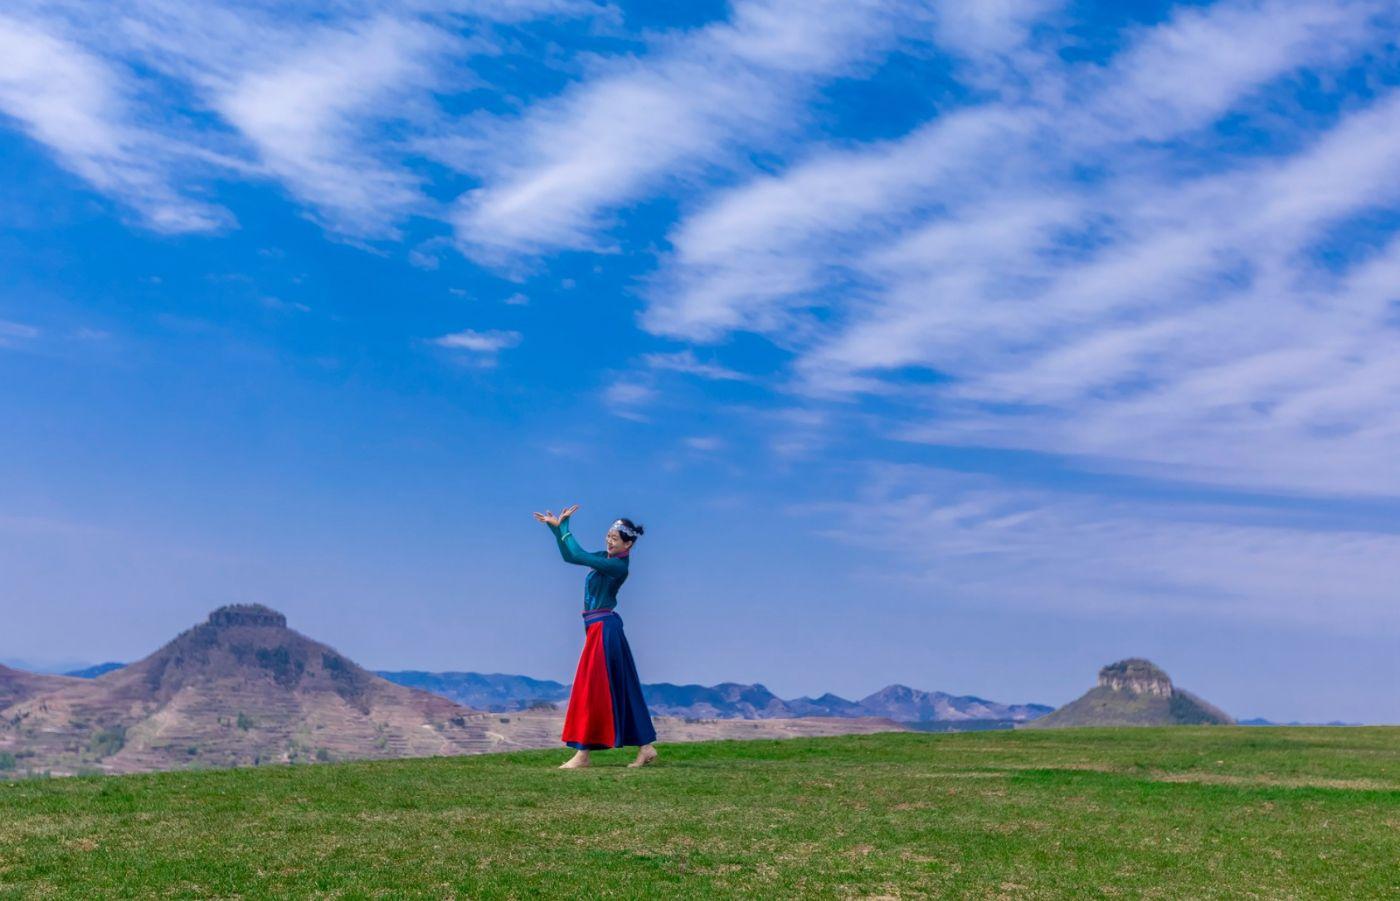 崮上草原有位女孩在翩翩起舞 她要和你邂逅在崮上花开的季节 ..._图1-30